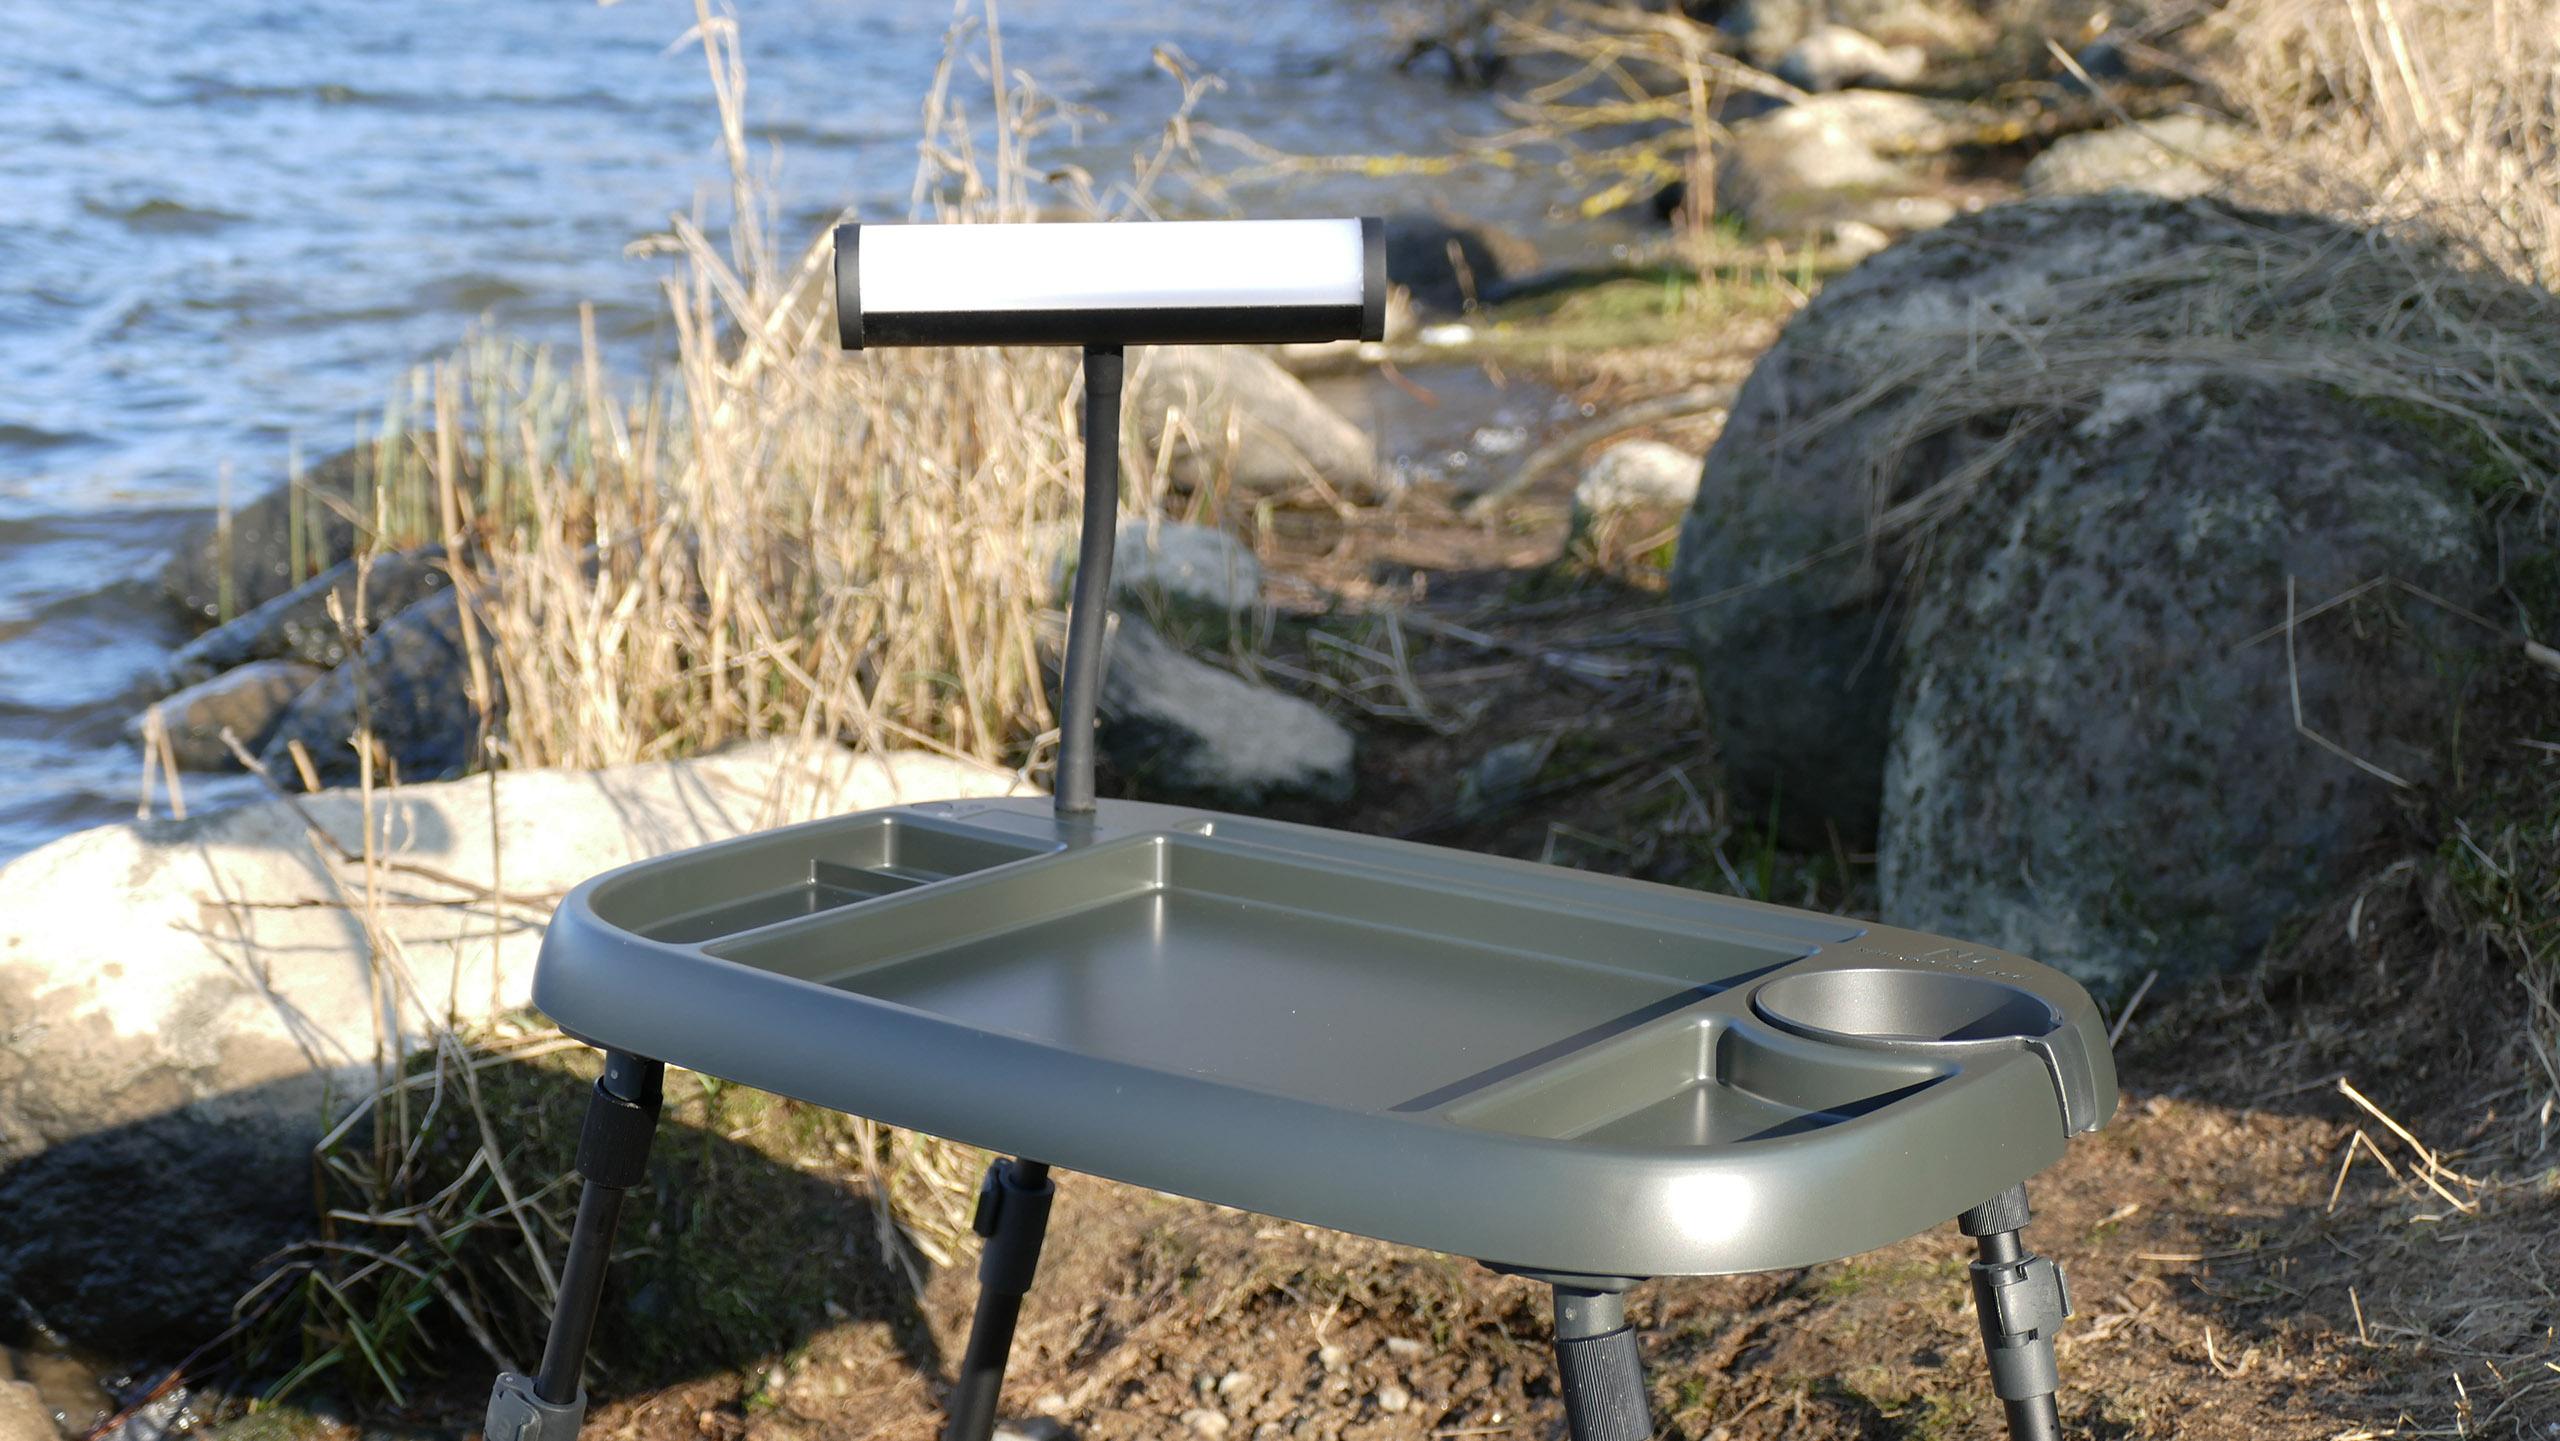 Das separat erhältliche Bivvylight macht den Tisch noch smarter: Per Smartphone könnt ihr die Beleuchtung steuern. Foto: New Direction Tackle